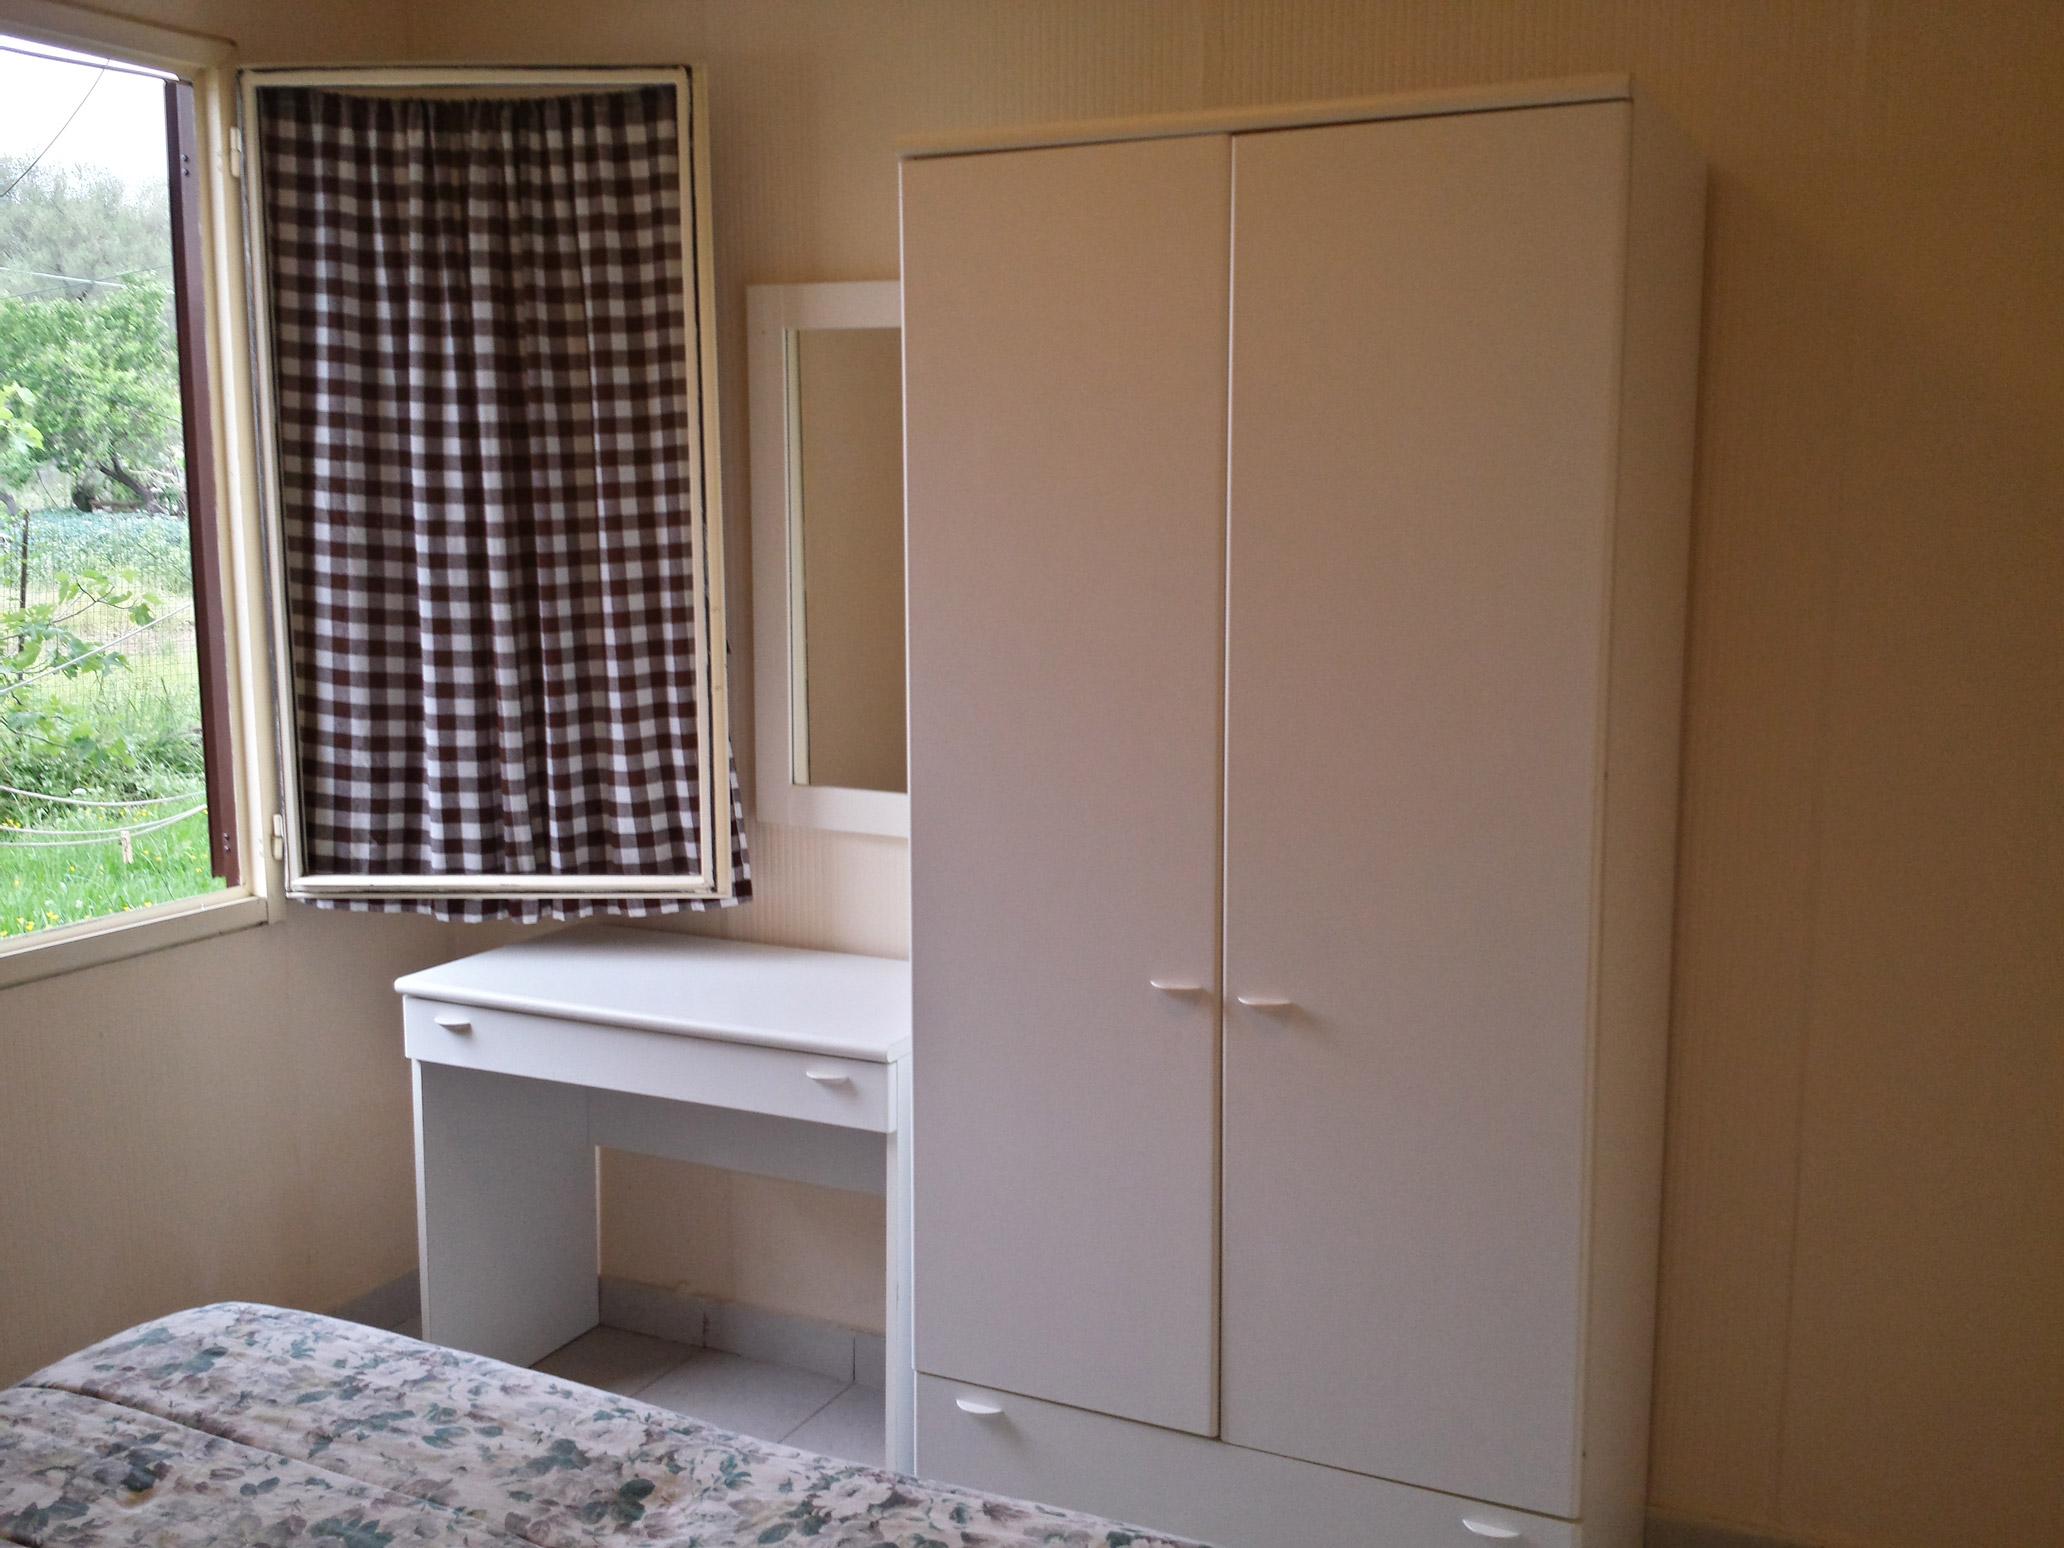 Camere Con Divano Letto : Camere doppie matrimoniali triple miniappartamenti bilo palinuro